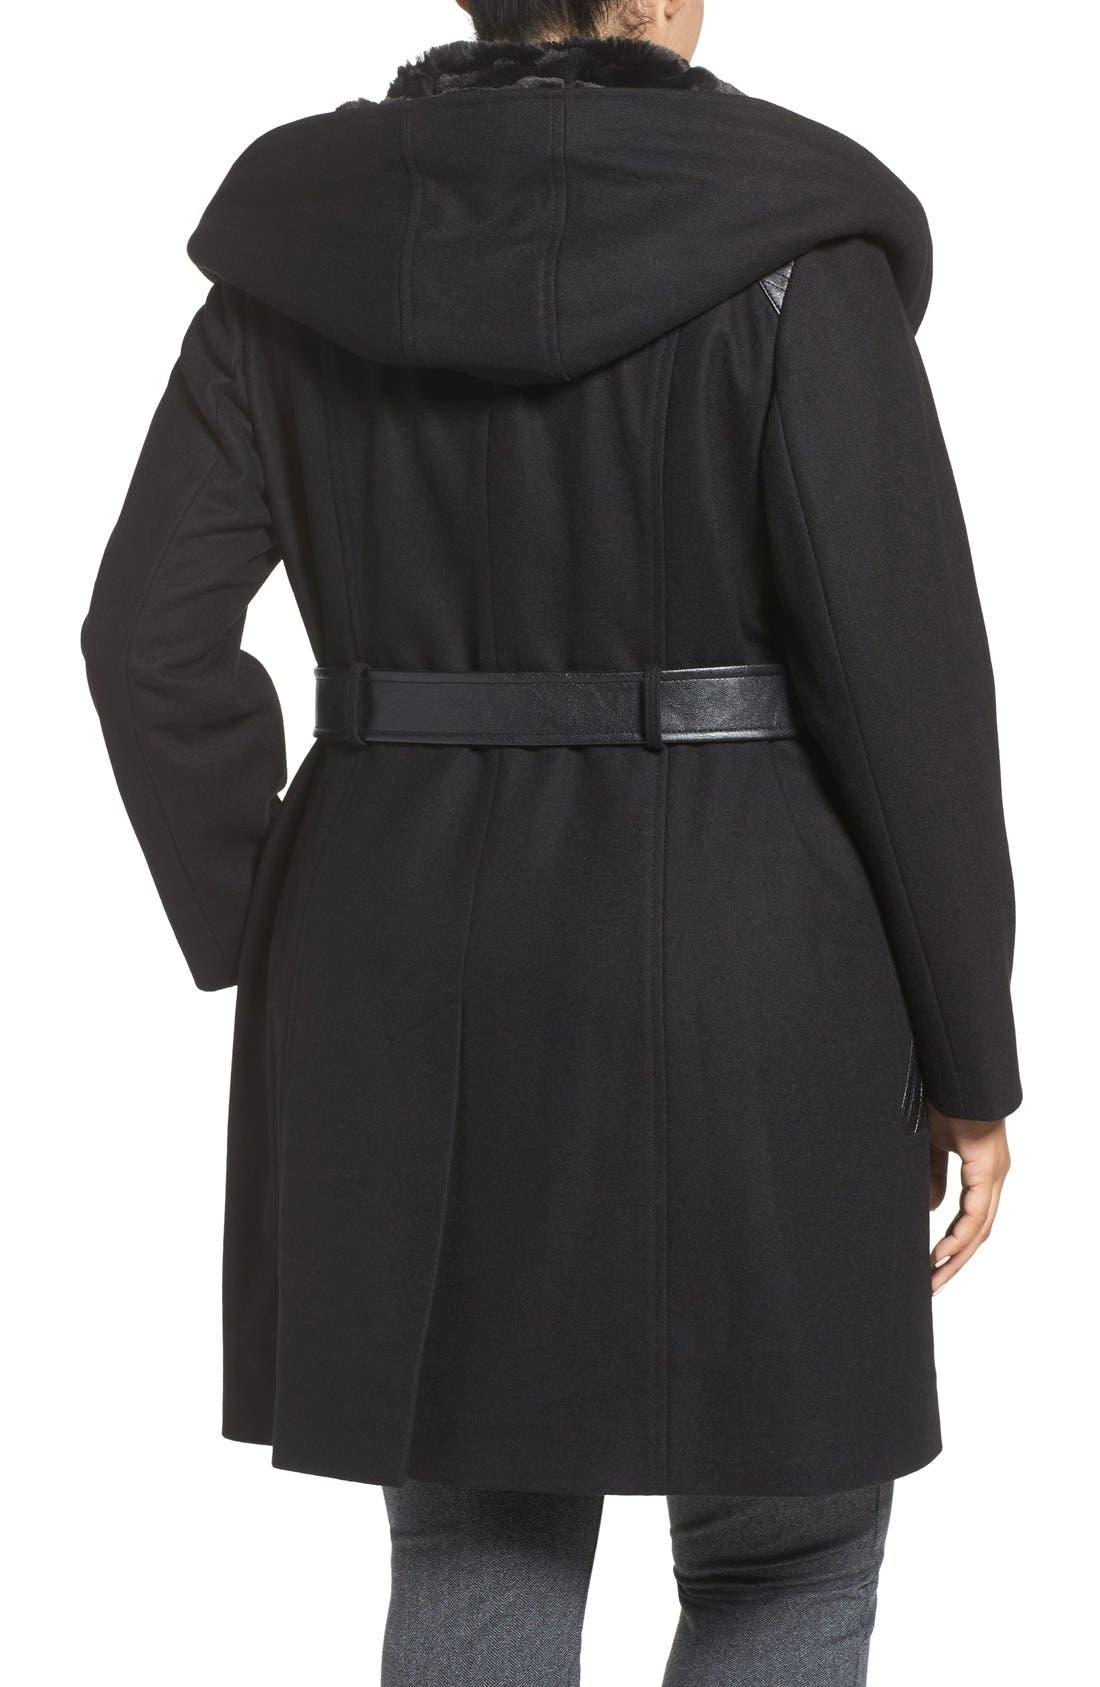 VIA SPIGA, Wool Blend Coat with Faux Fur Trim, Alternate thumbnail 2, color, 001